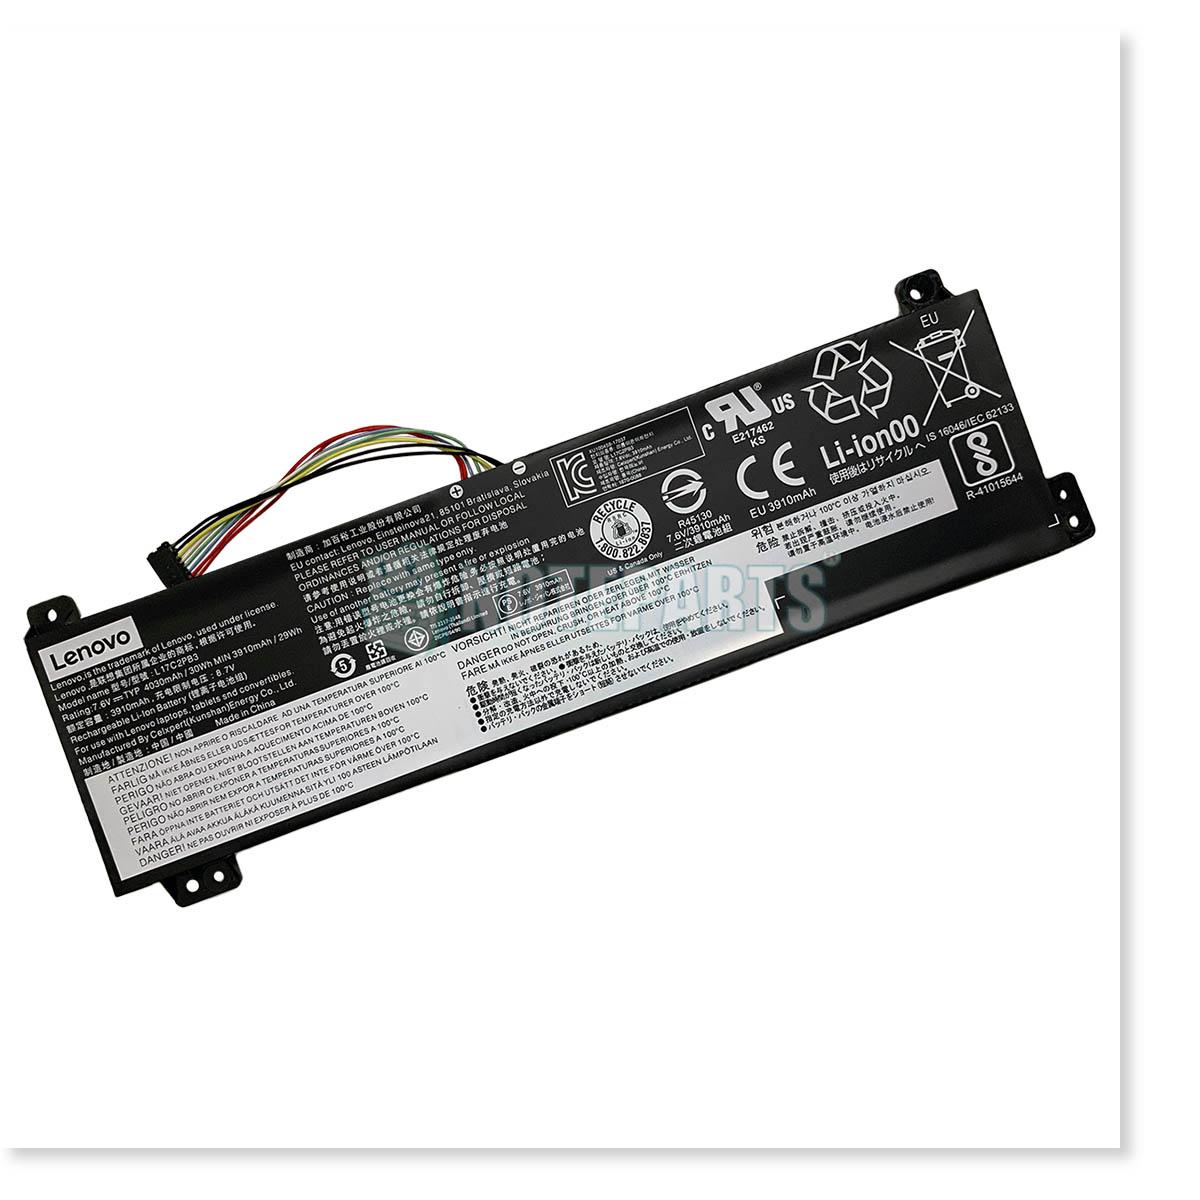 Lenovo レノボ ideapad V330 V330-15ISK バッテリー L17C2PB3 L17C2PB4 L17L2PB3 L17L2PB4 L17M2PB3 L17M2PB4